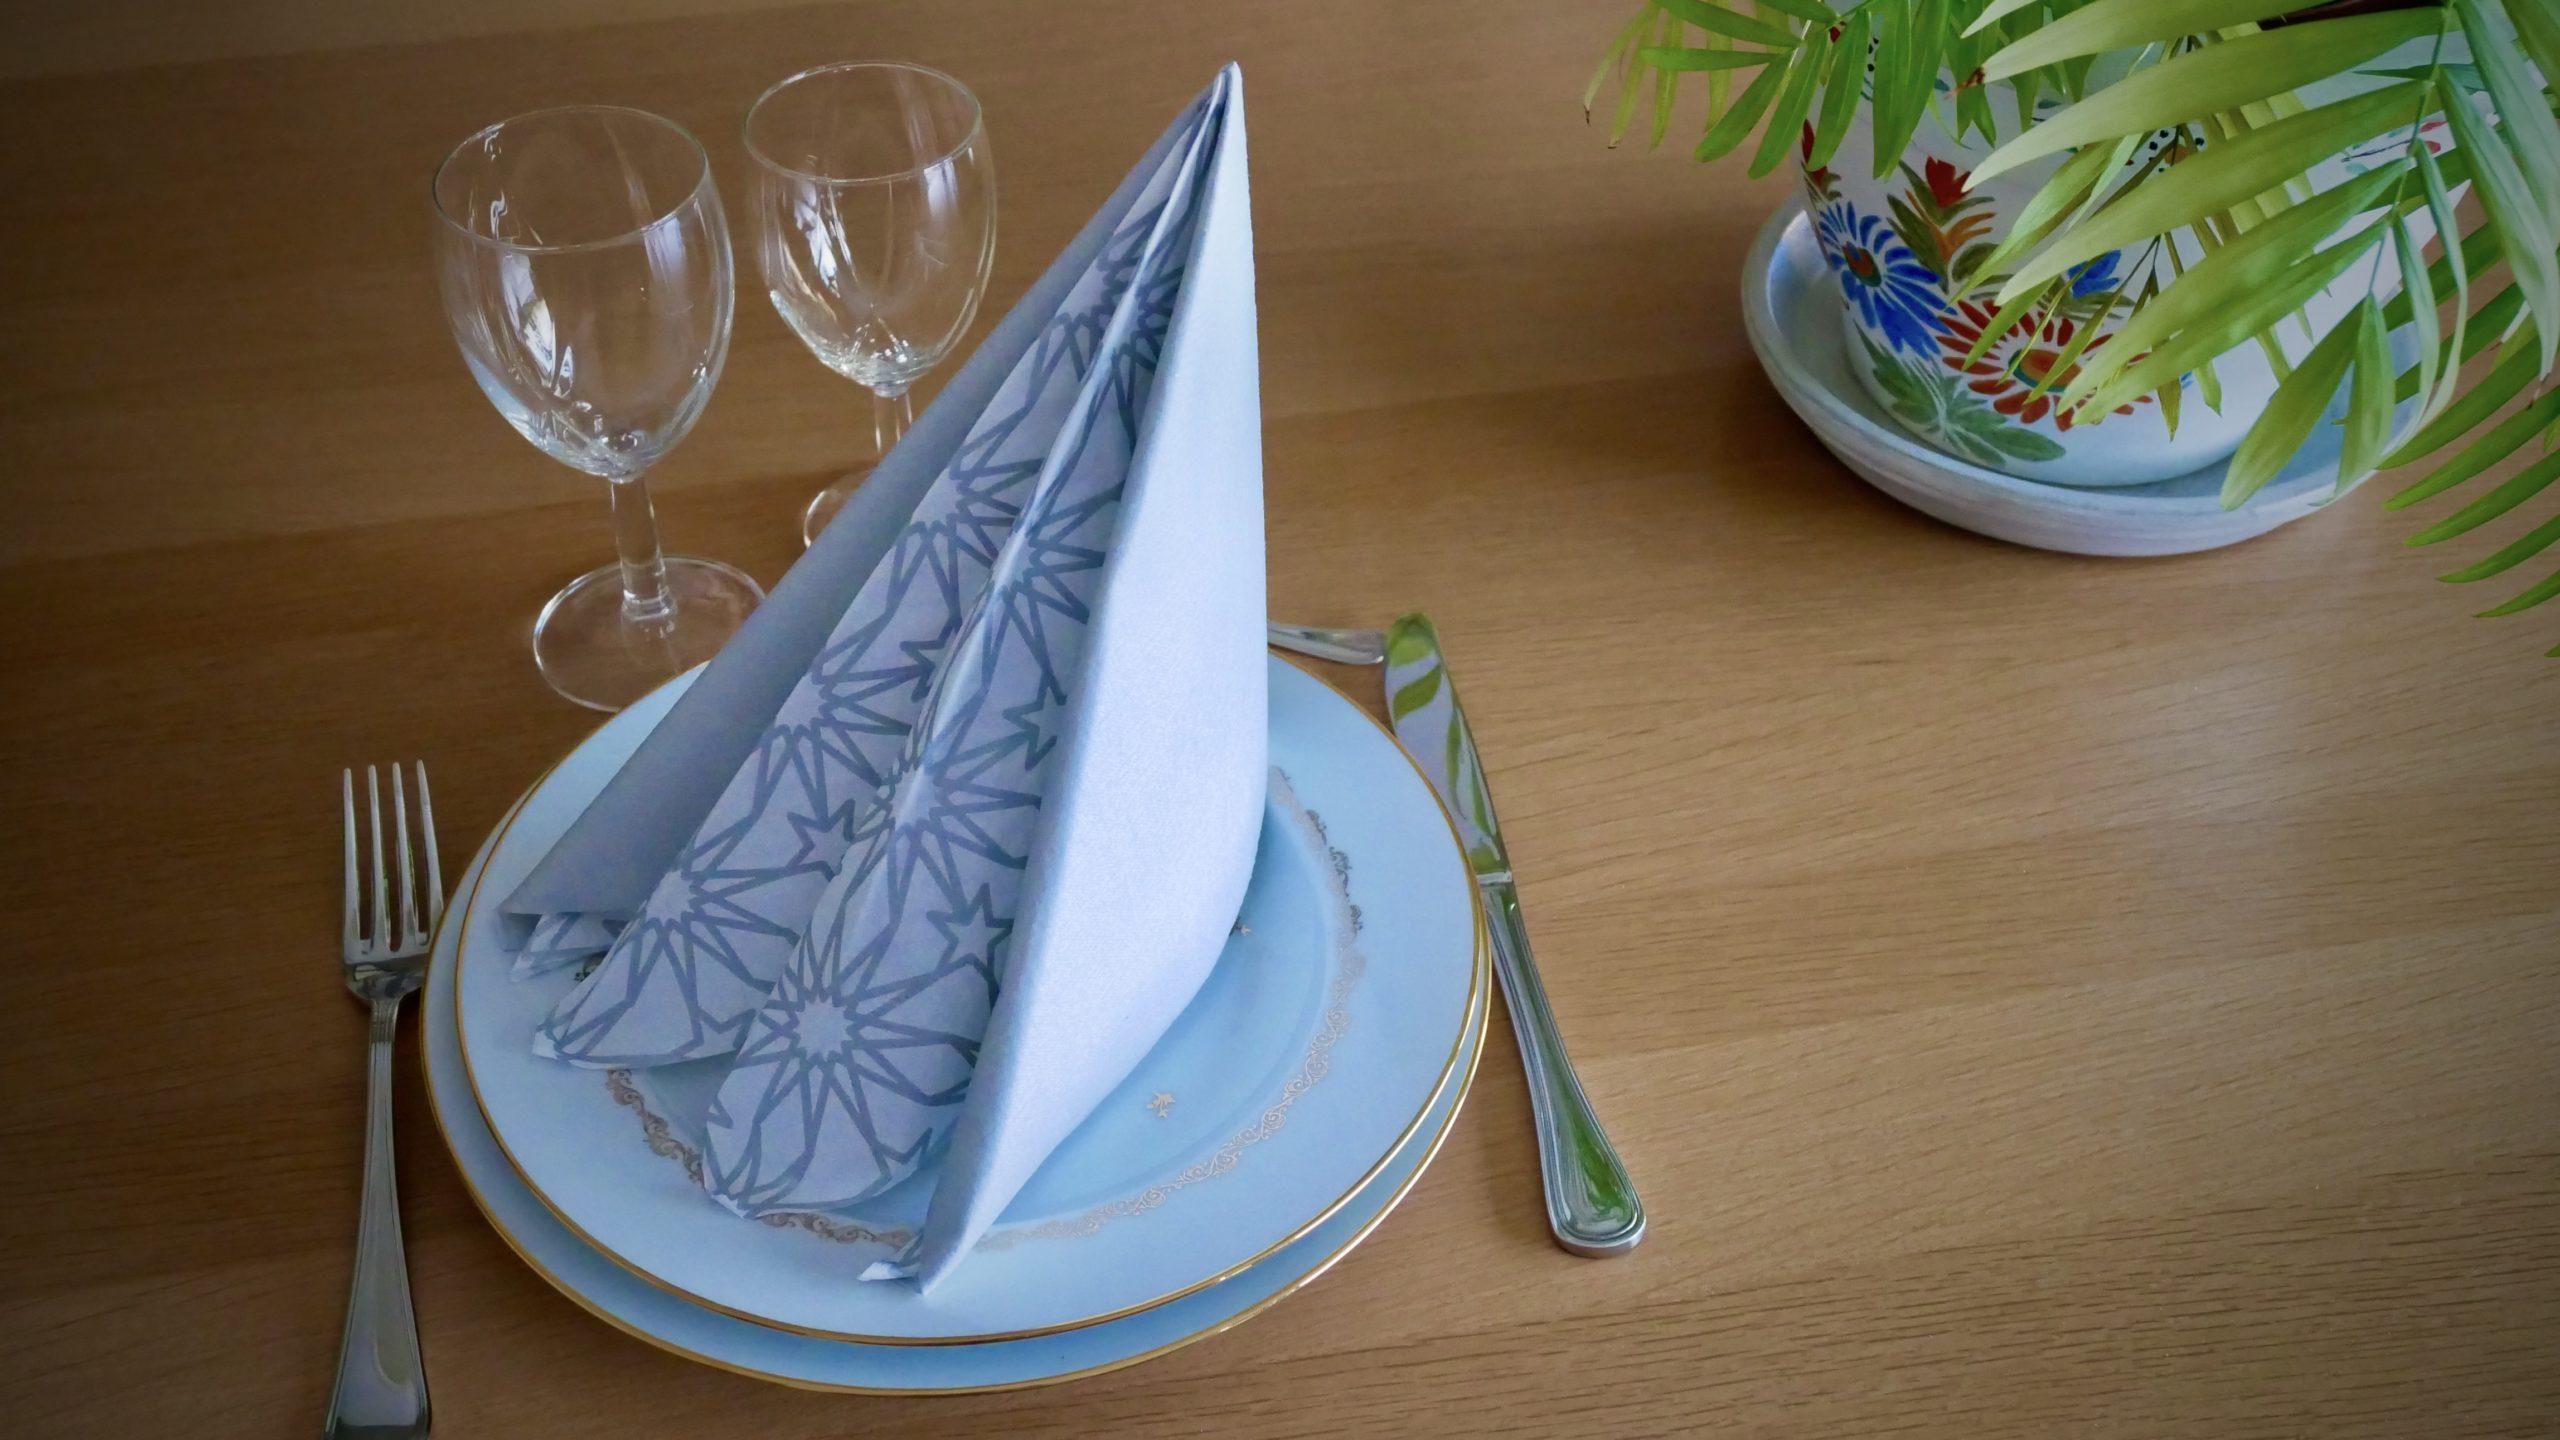 pliage de serviette bicolore en forme de pyramide